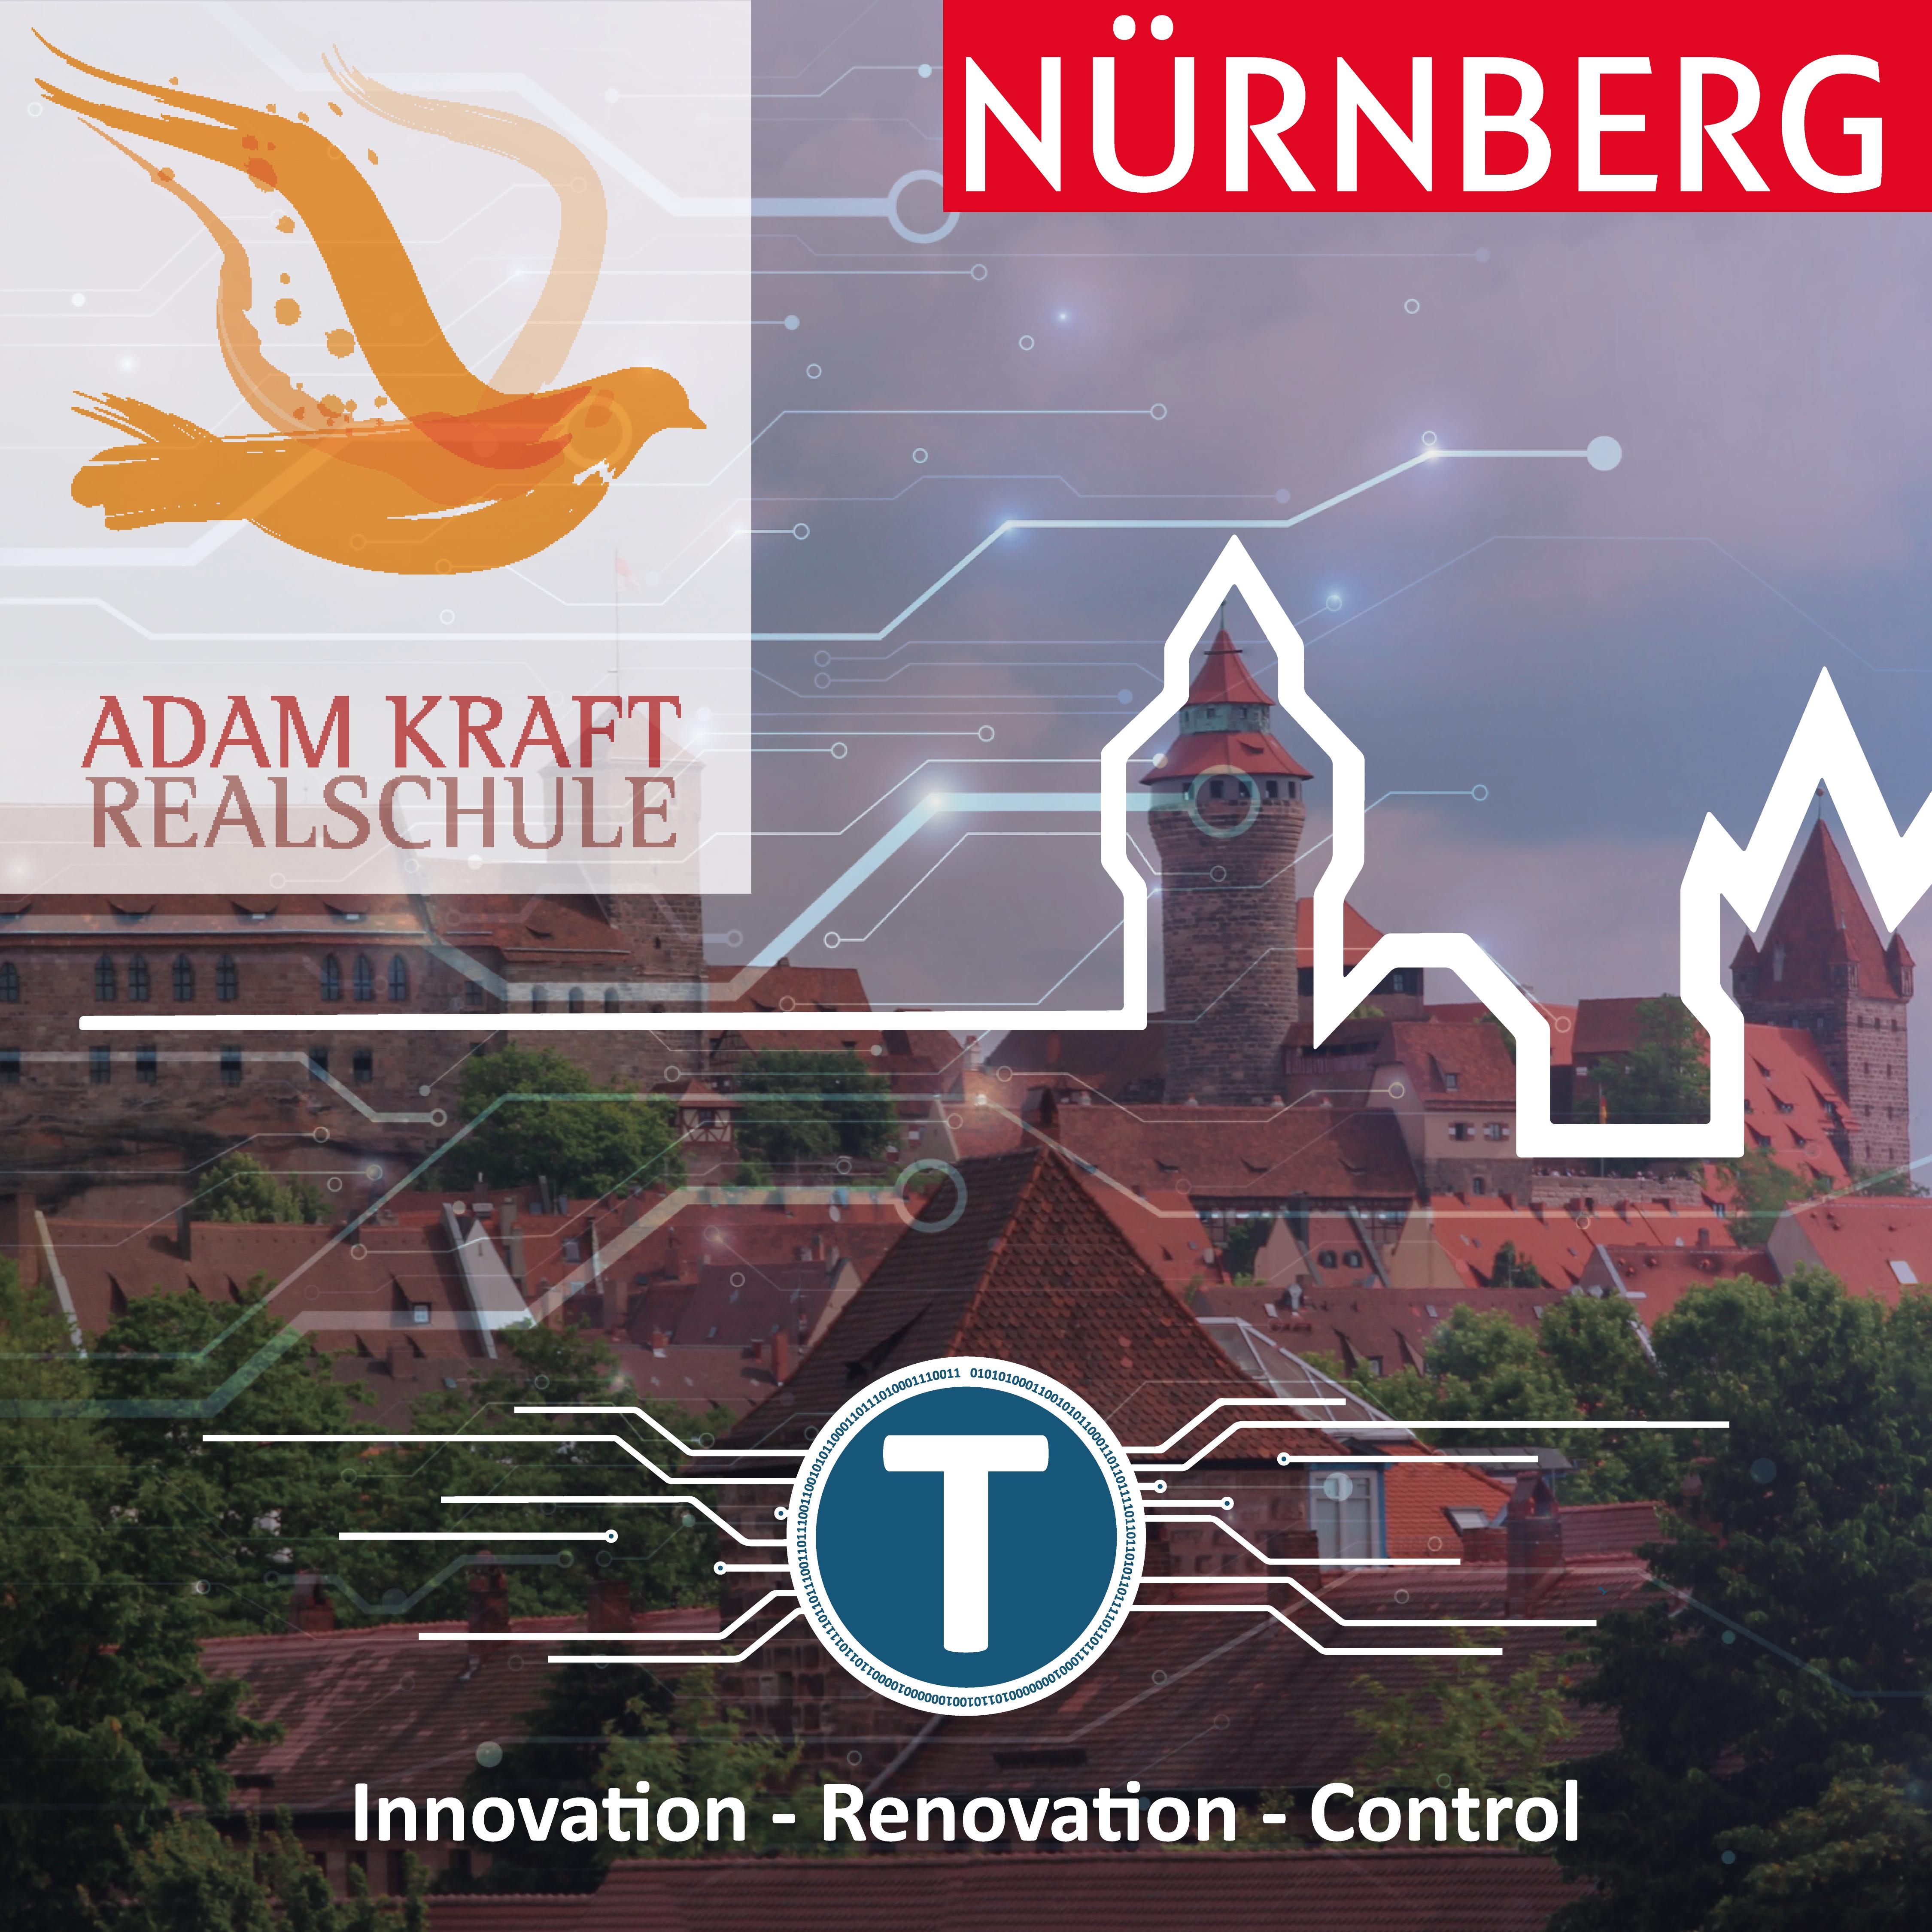 Adam-Kraft-Realschule Nuernberg Instagram